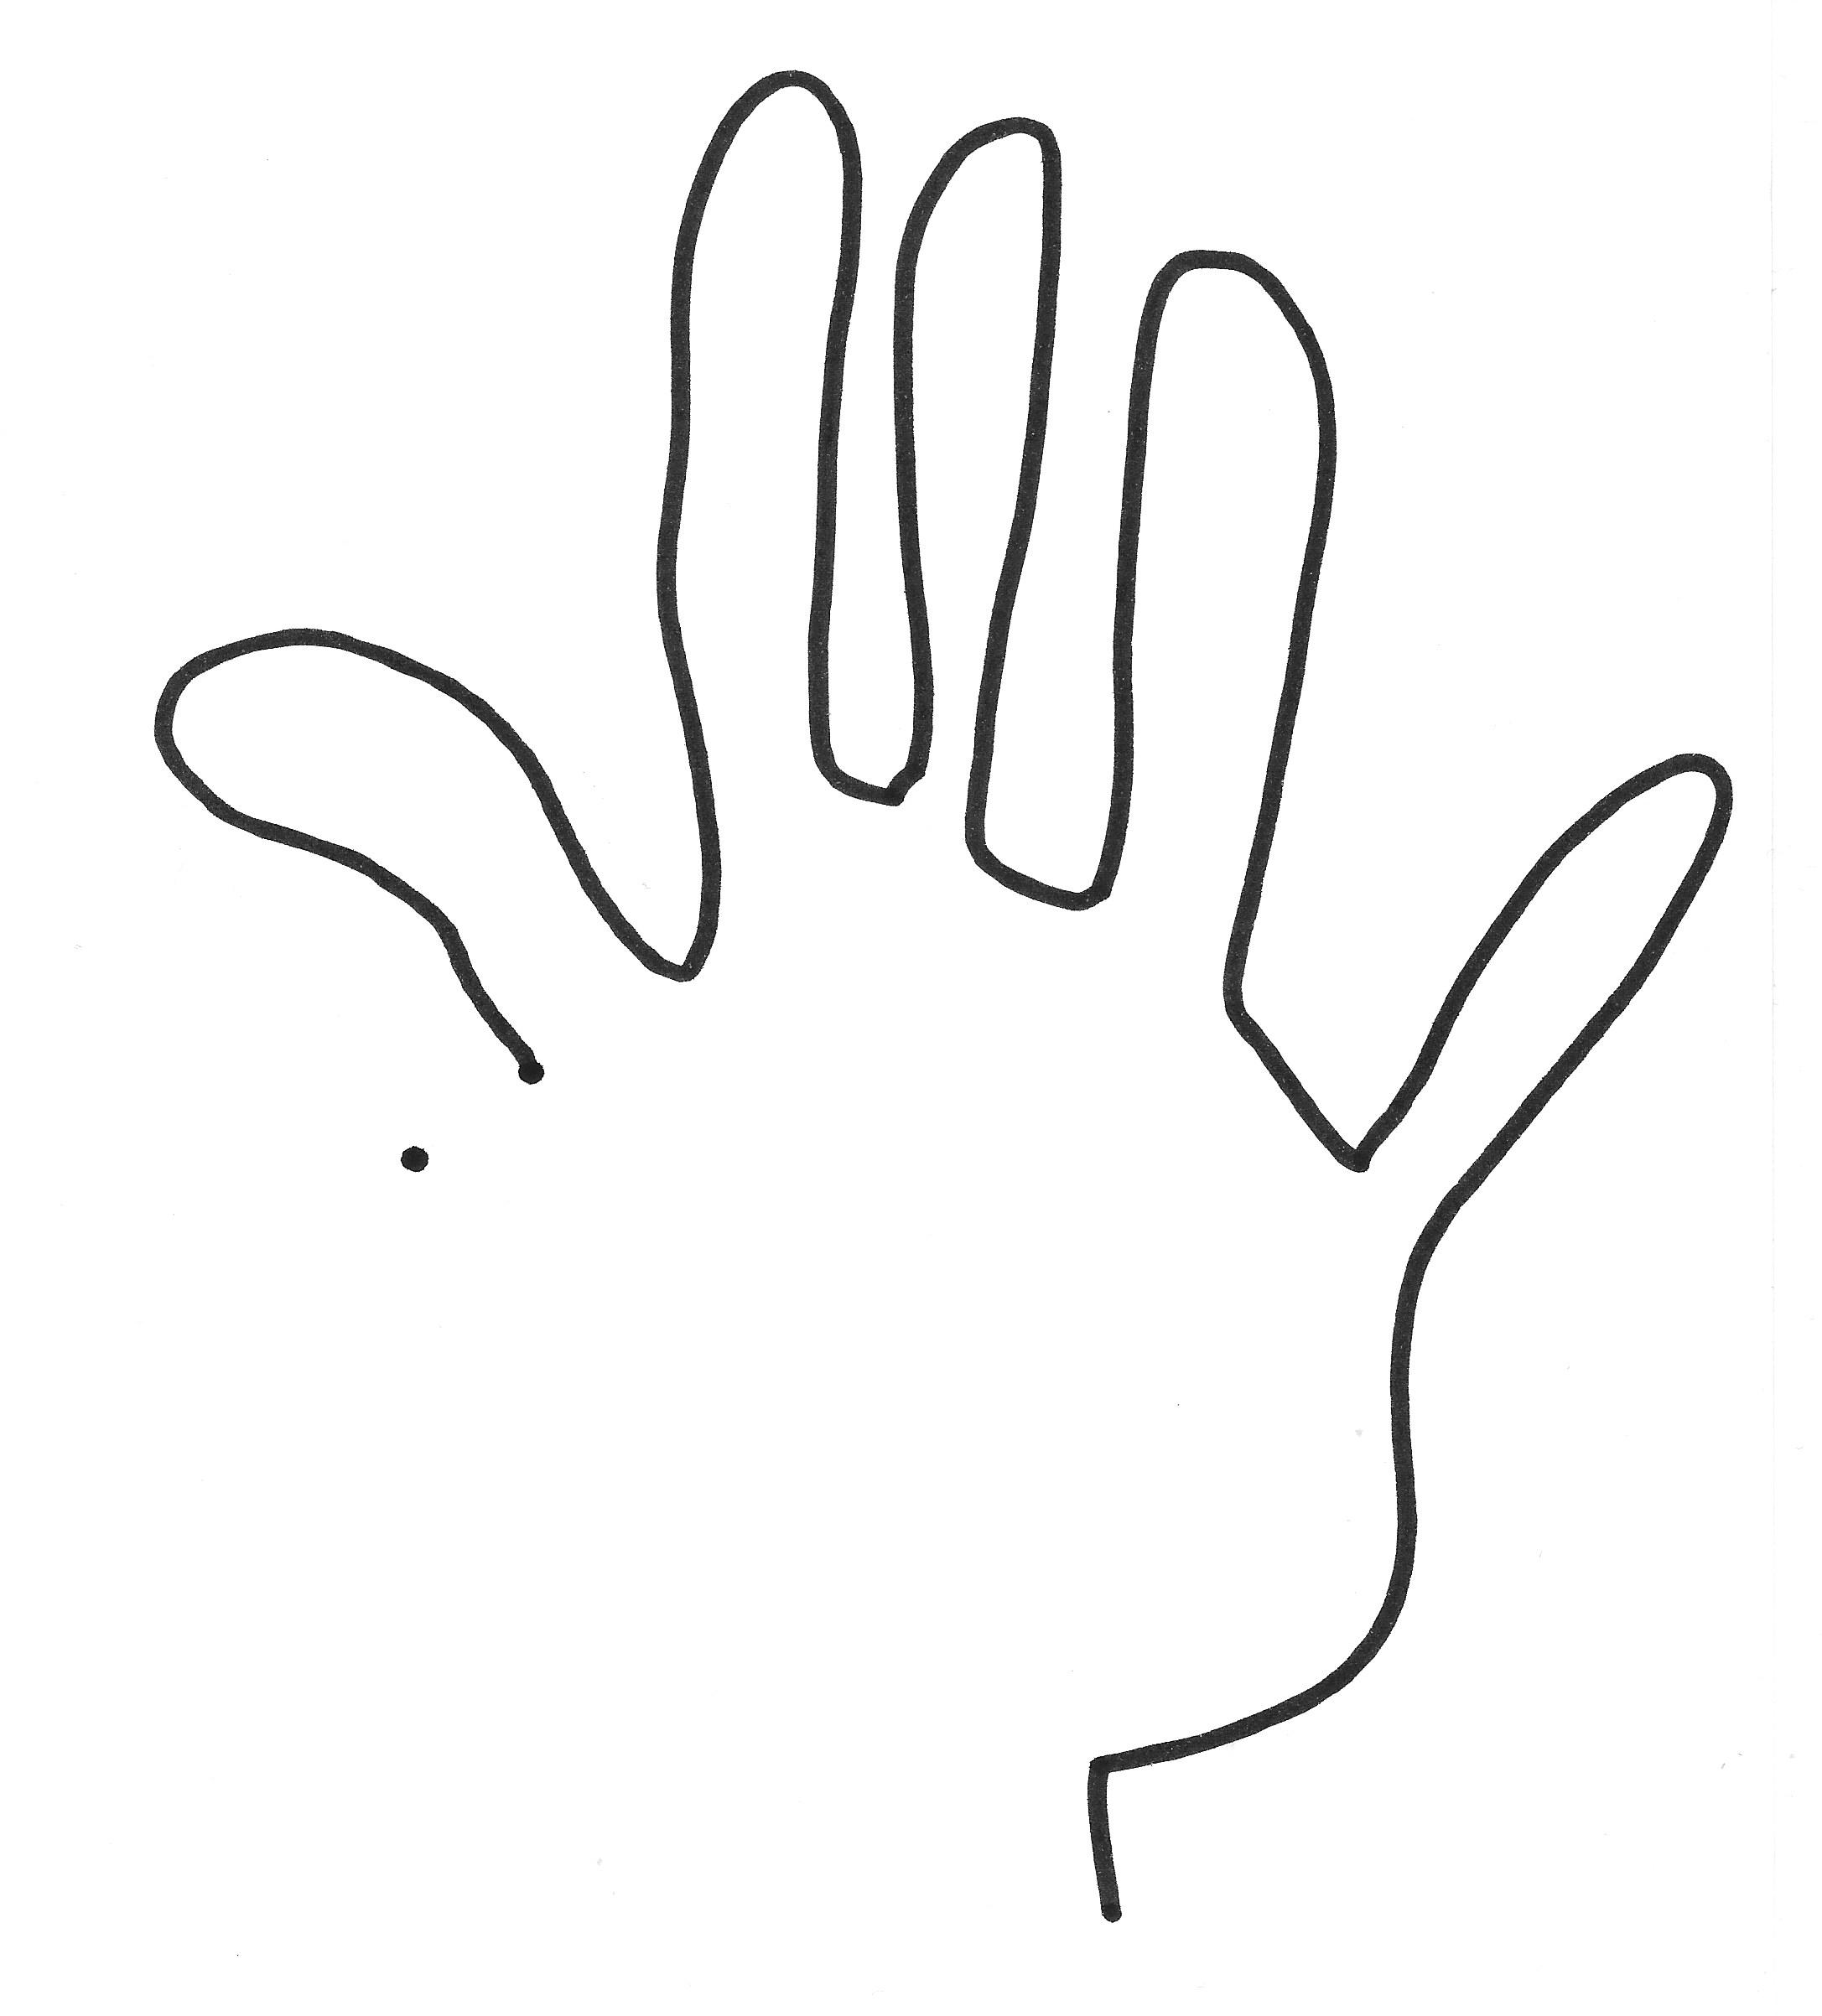 Lær om blindtegning